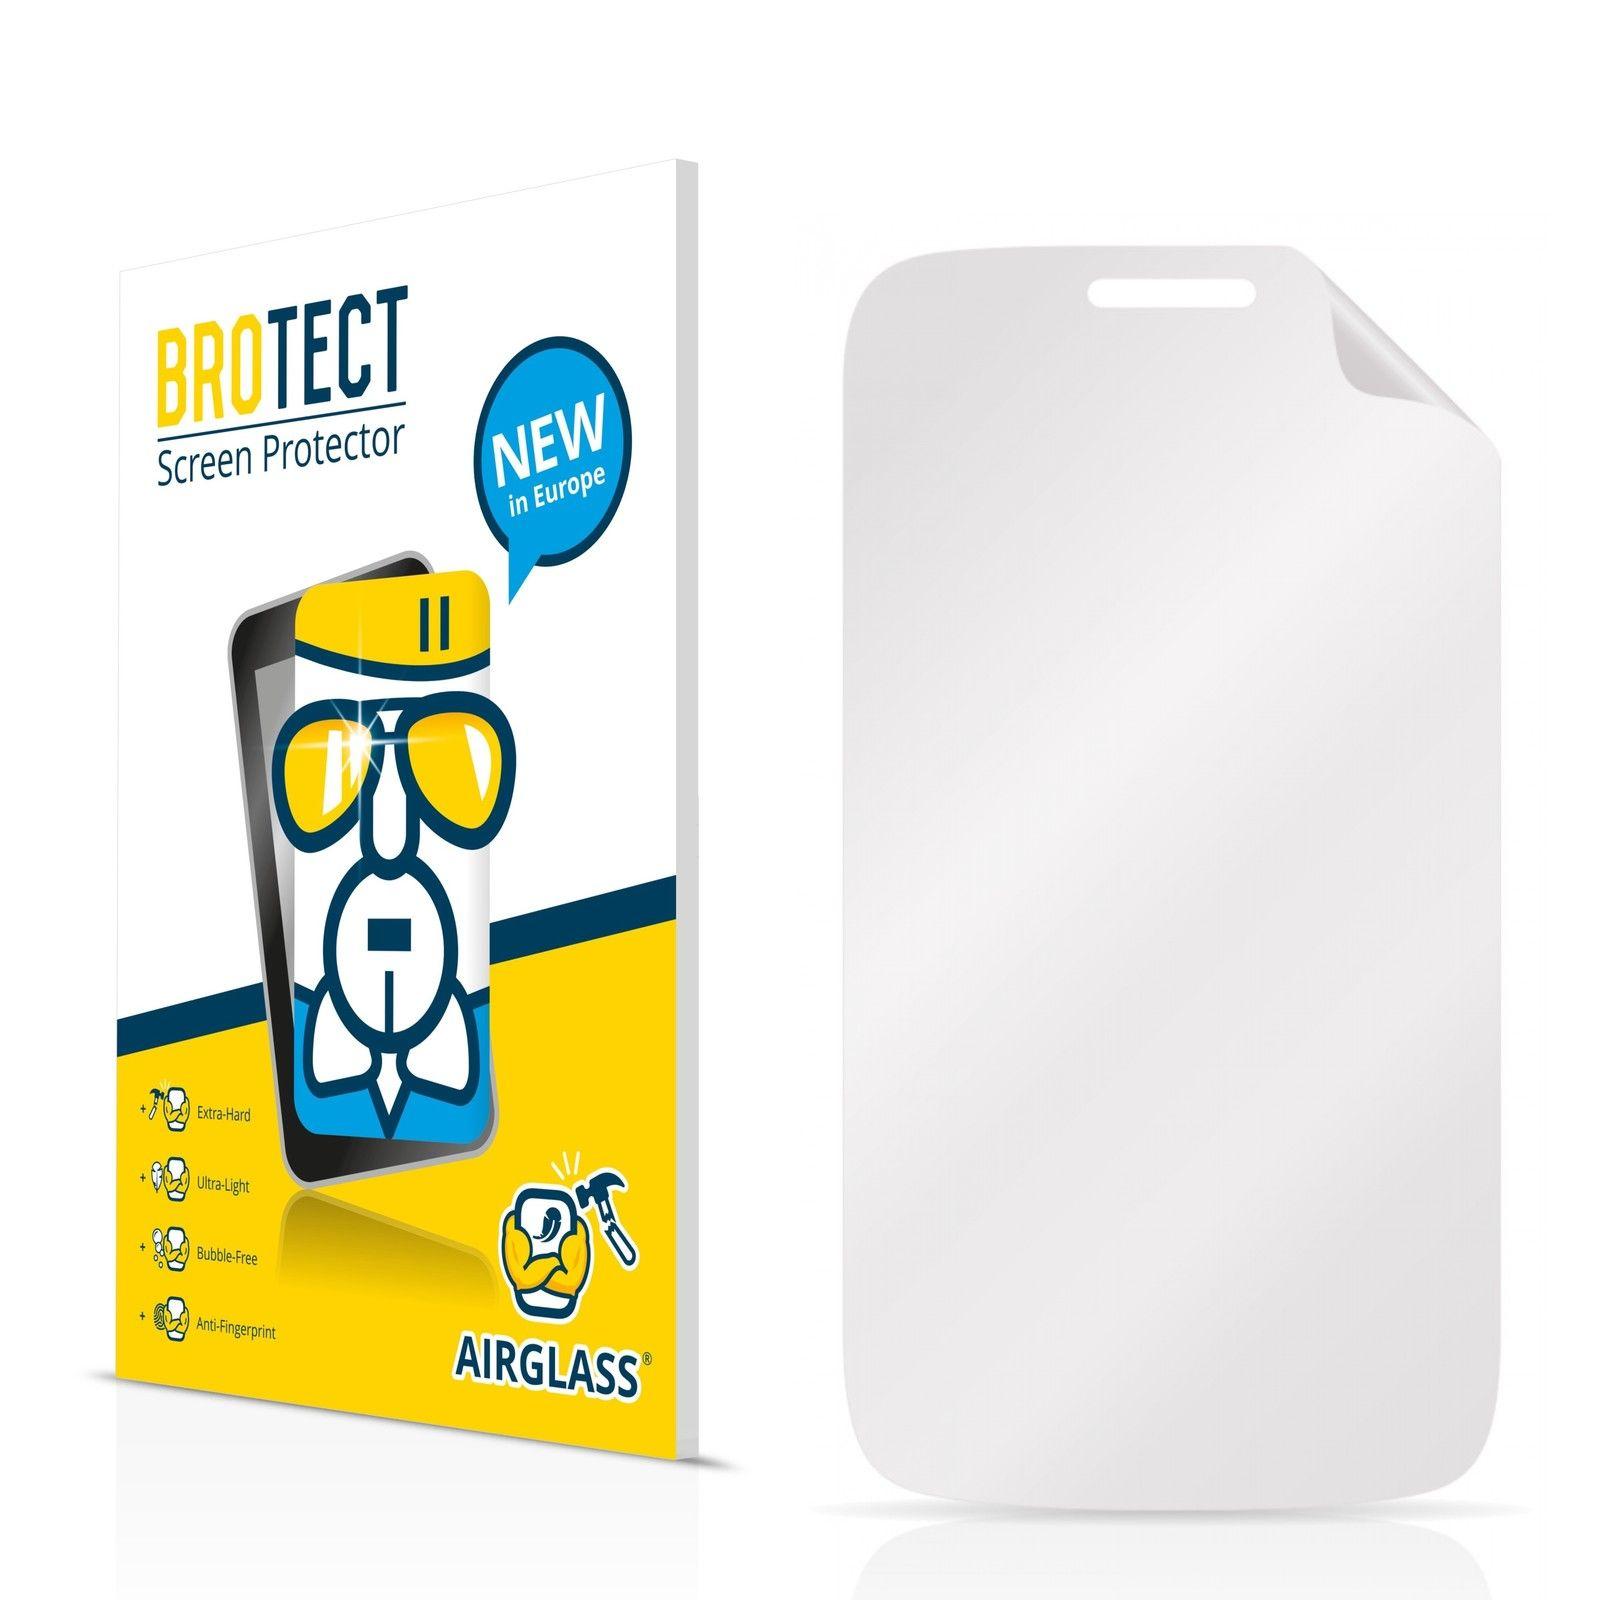 Extra tvrzená ochranná fólie (tvrzené sklo) AirGlass Brotec na LCD pro Prestigio MultiPhone 5400 DUO